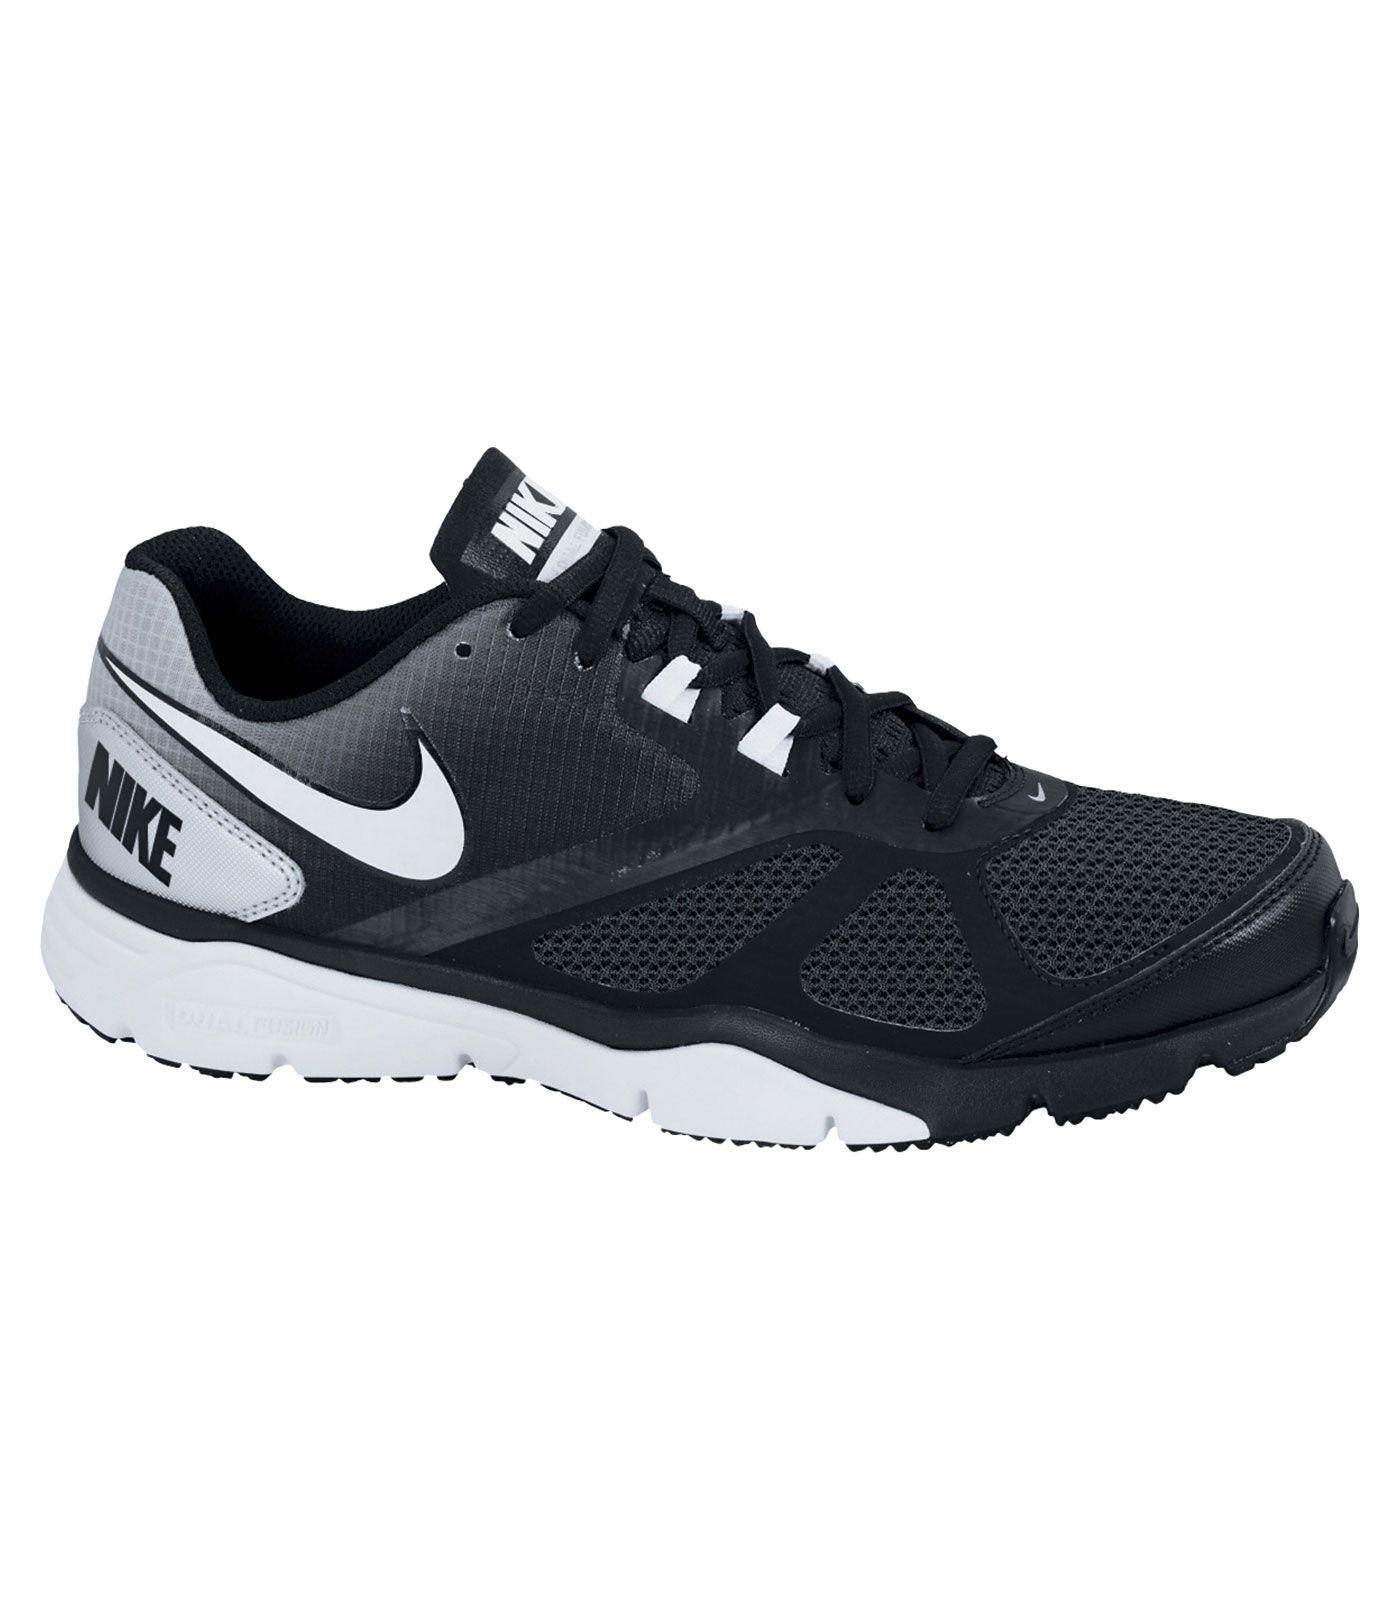 new arrivals de03a e8a93 Nike Dual Fusion TR IV - Footwear - Men - Training   Sports Experts